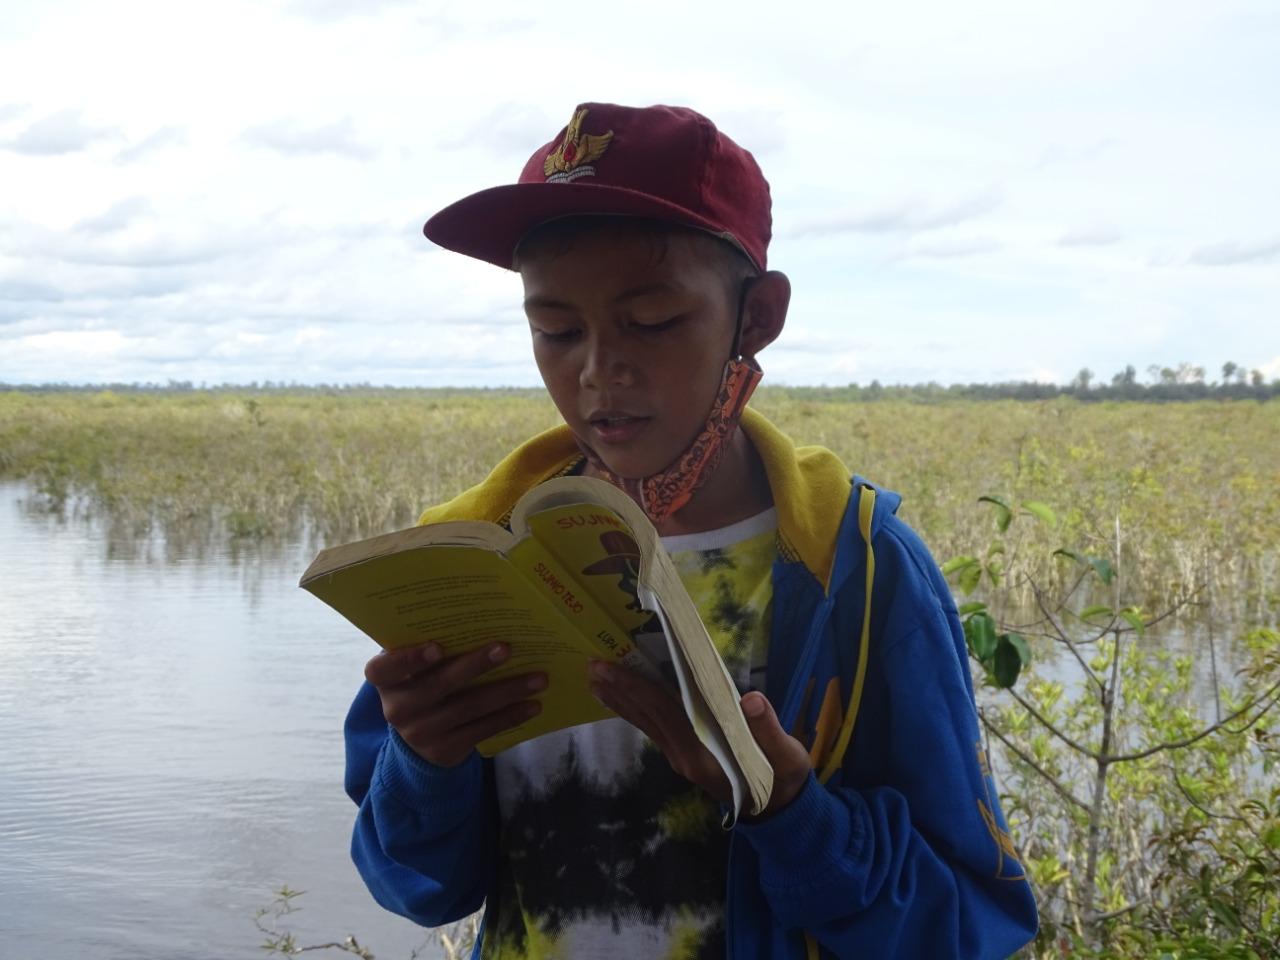 Sambil membaca buku